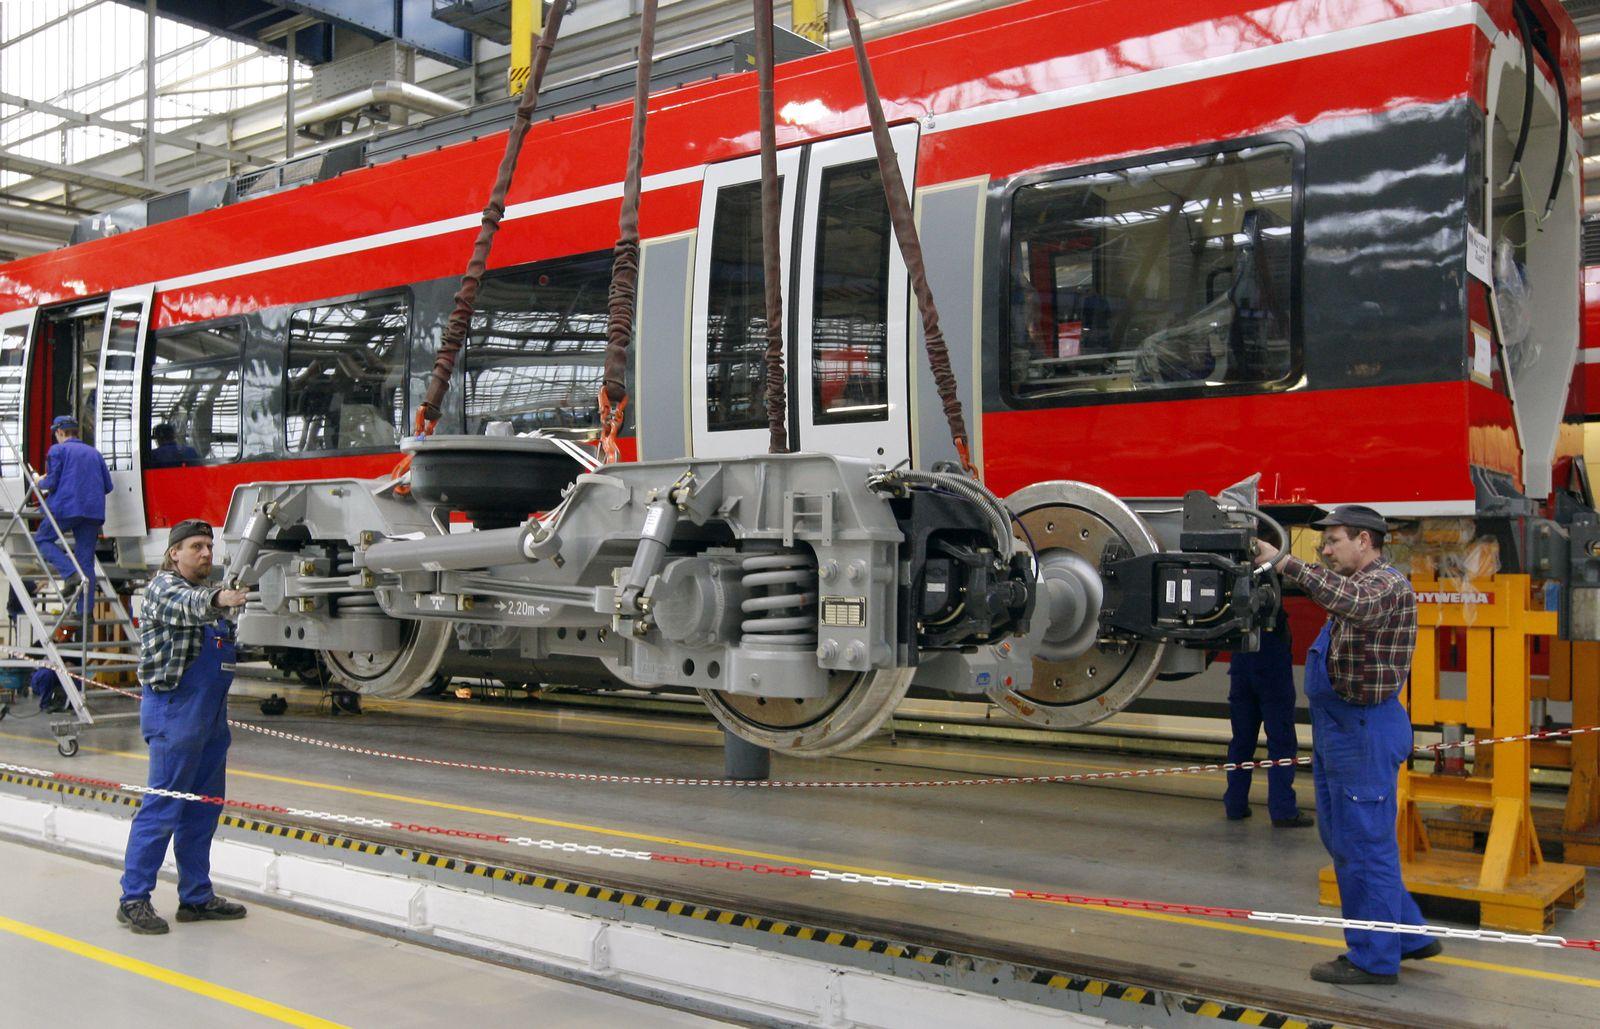 Deutsche Bahn / Bombardier